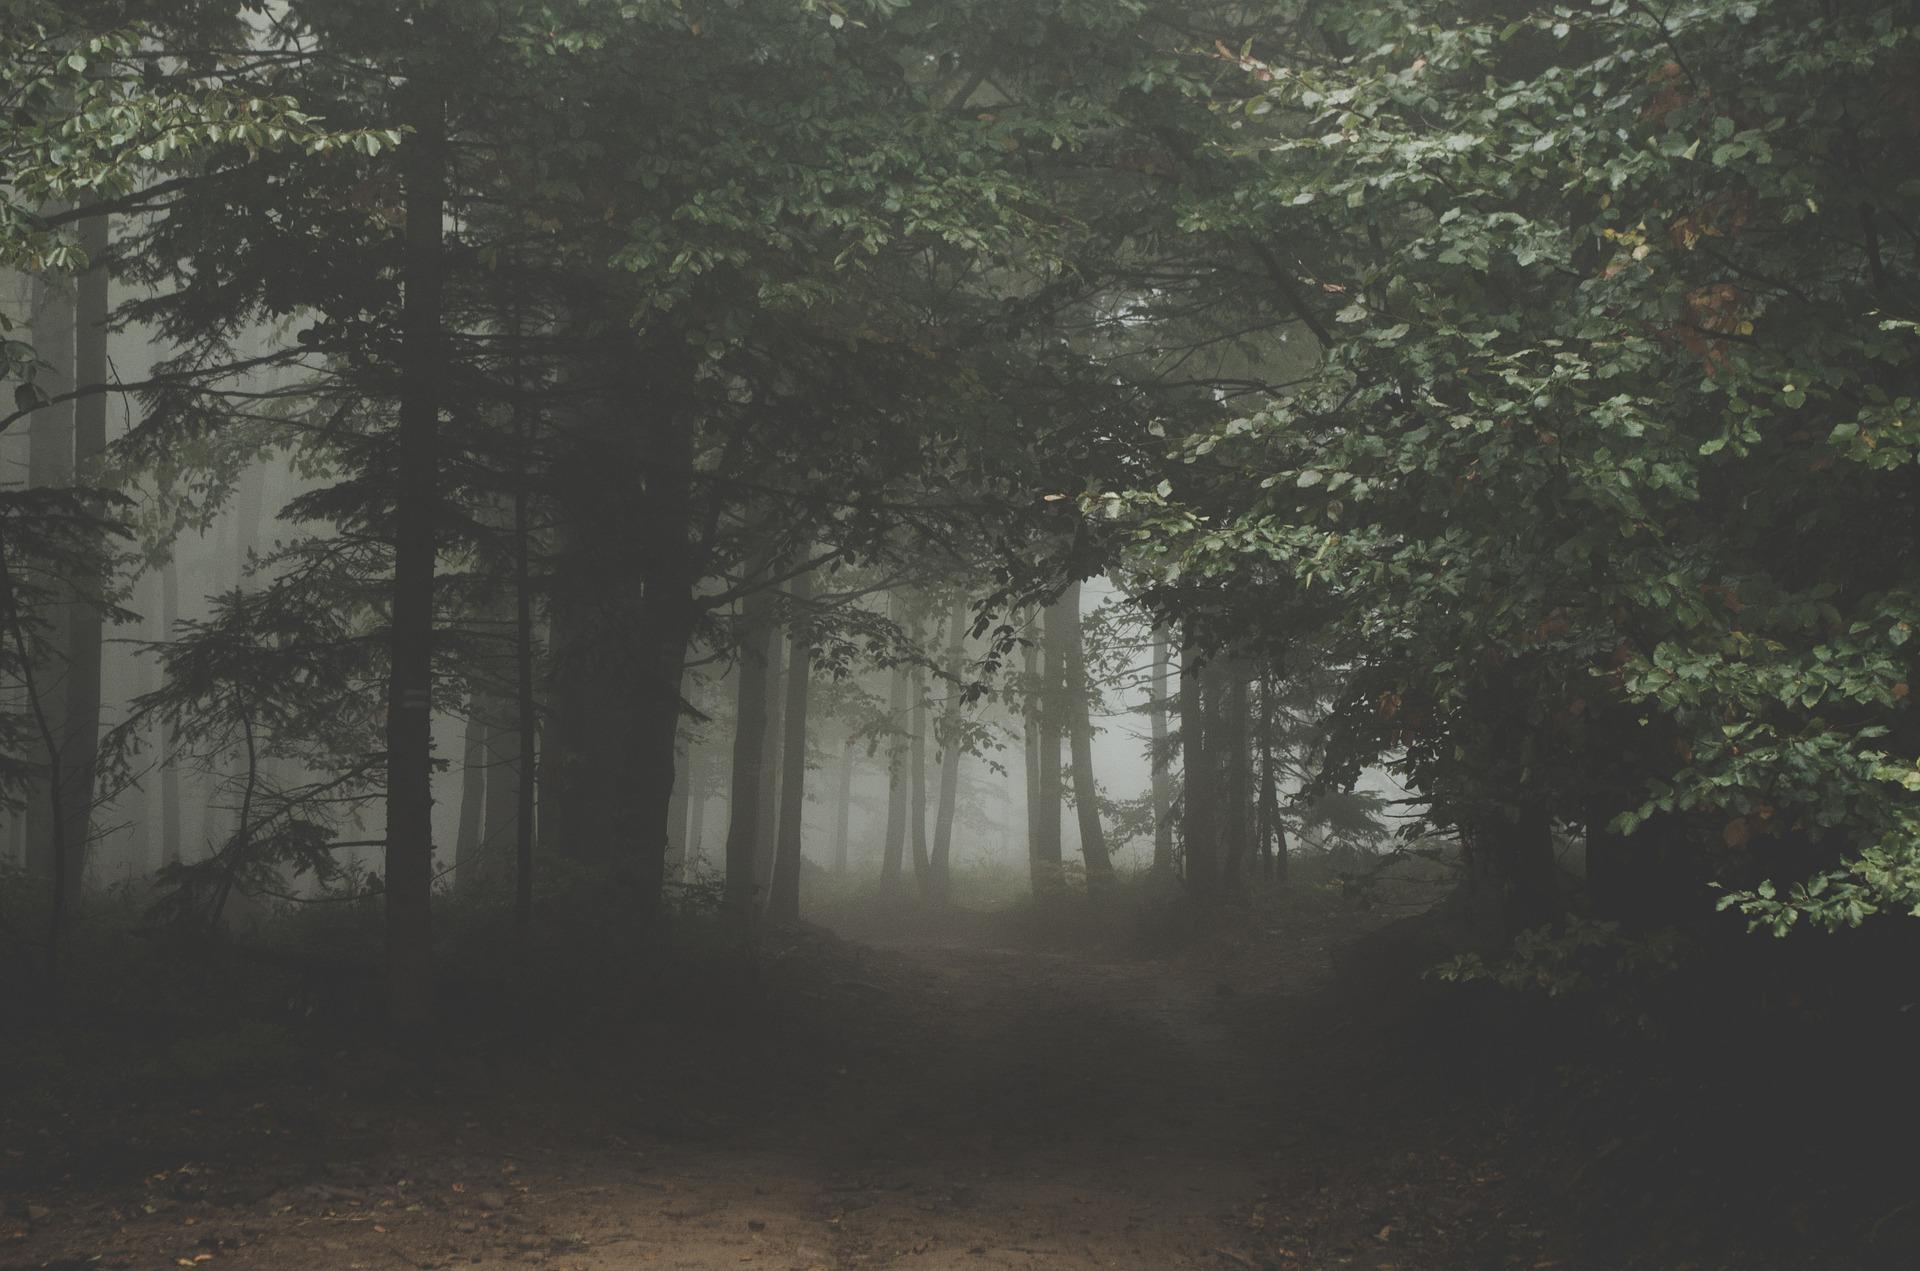 höst-skog-svamp.jpg